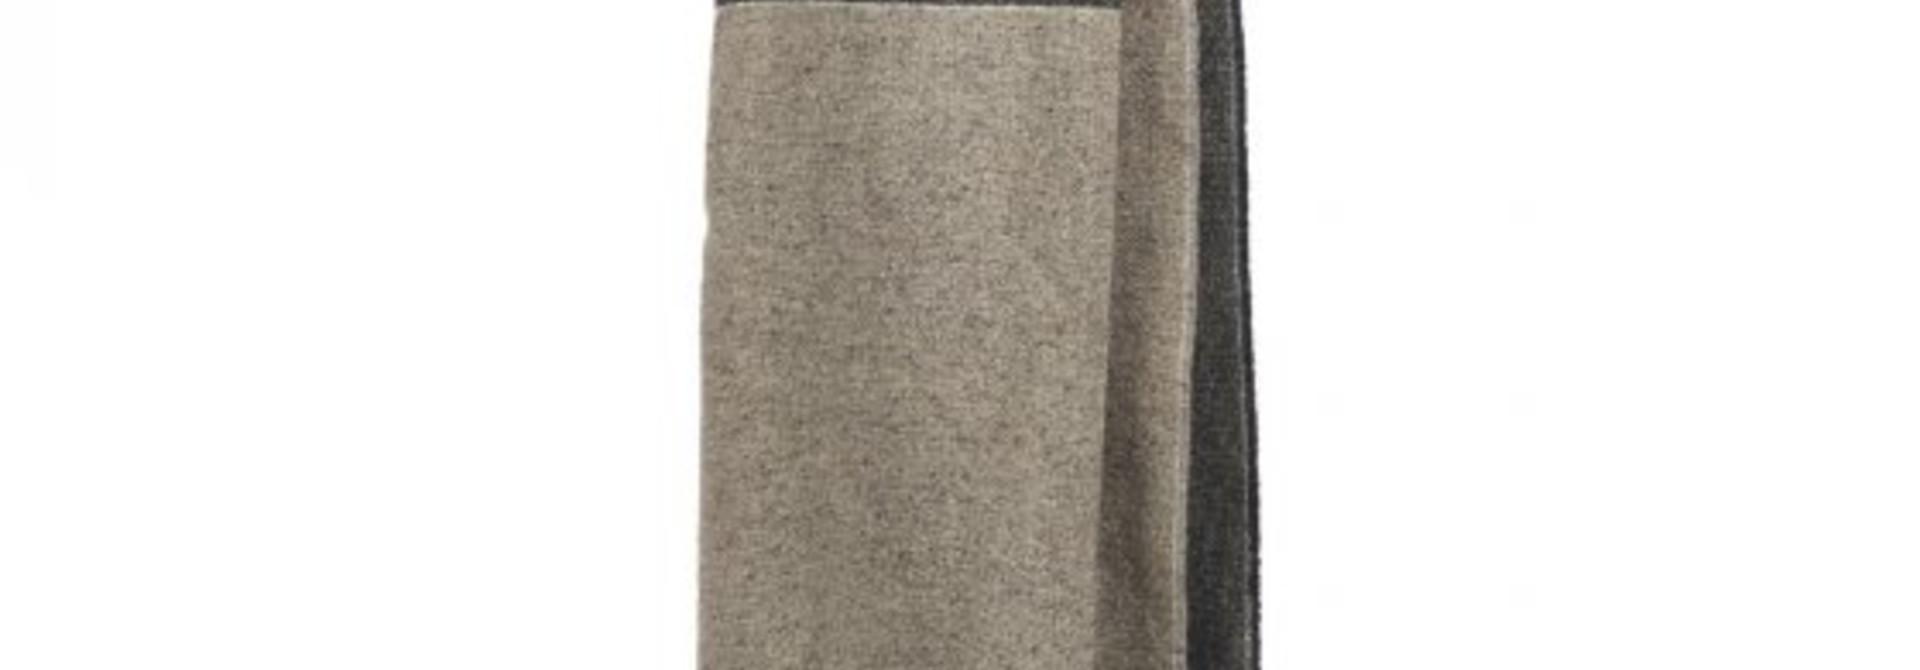 Throw - Lewis - Grey/Black Tweed